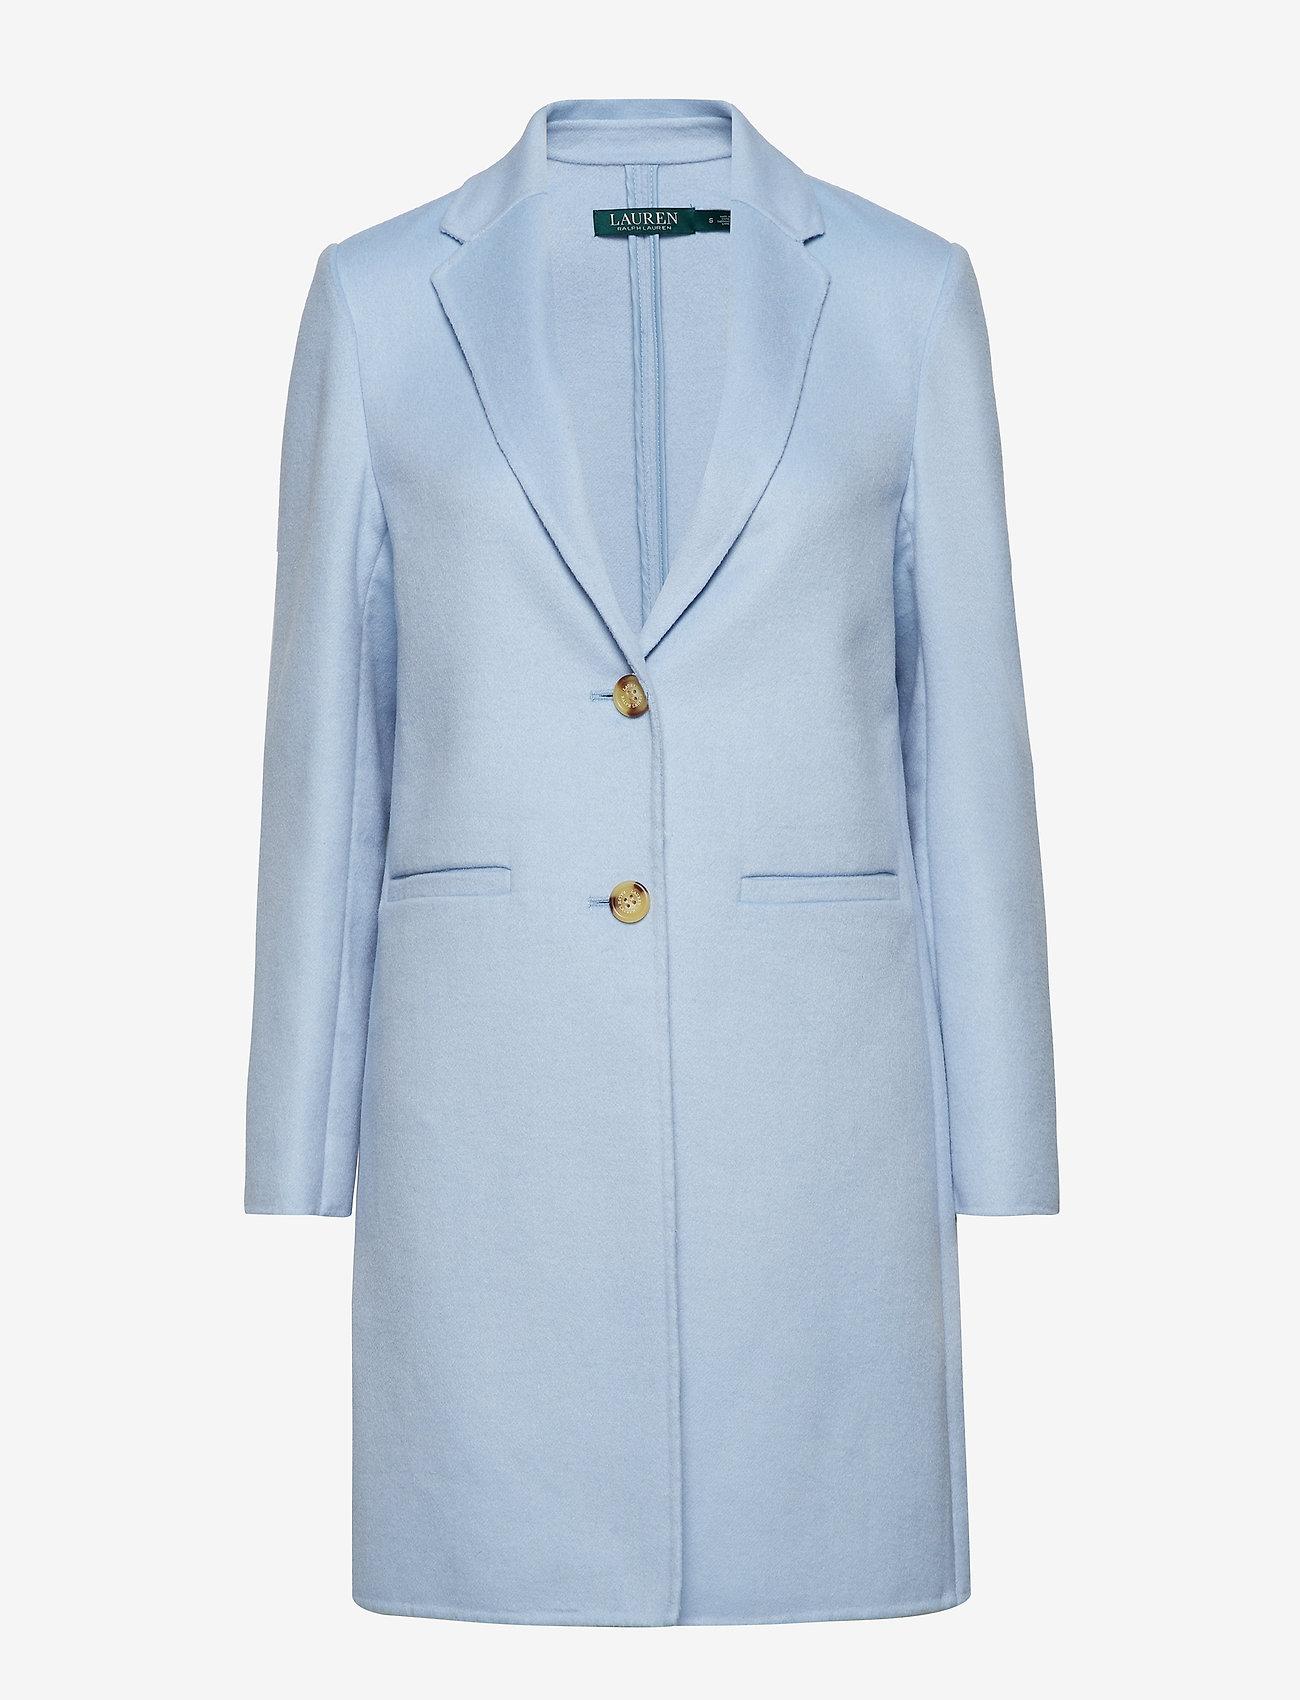 Lauren Ralph Wool-blend Two-button Coat - Jackets & Coats